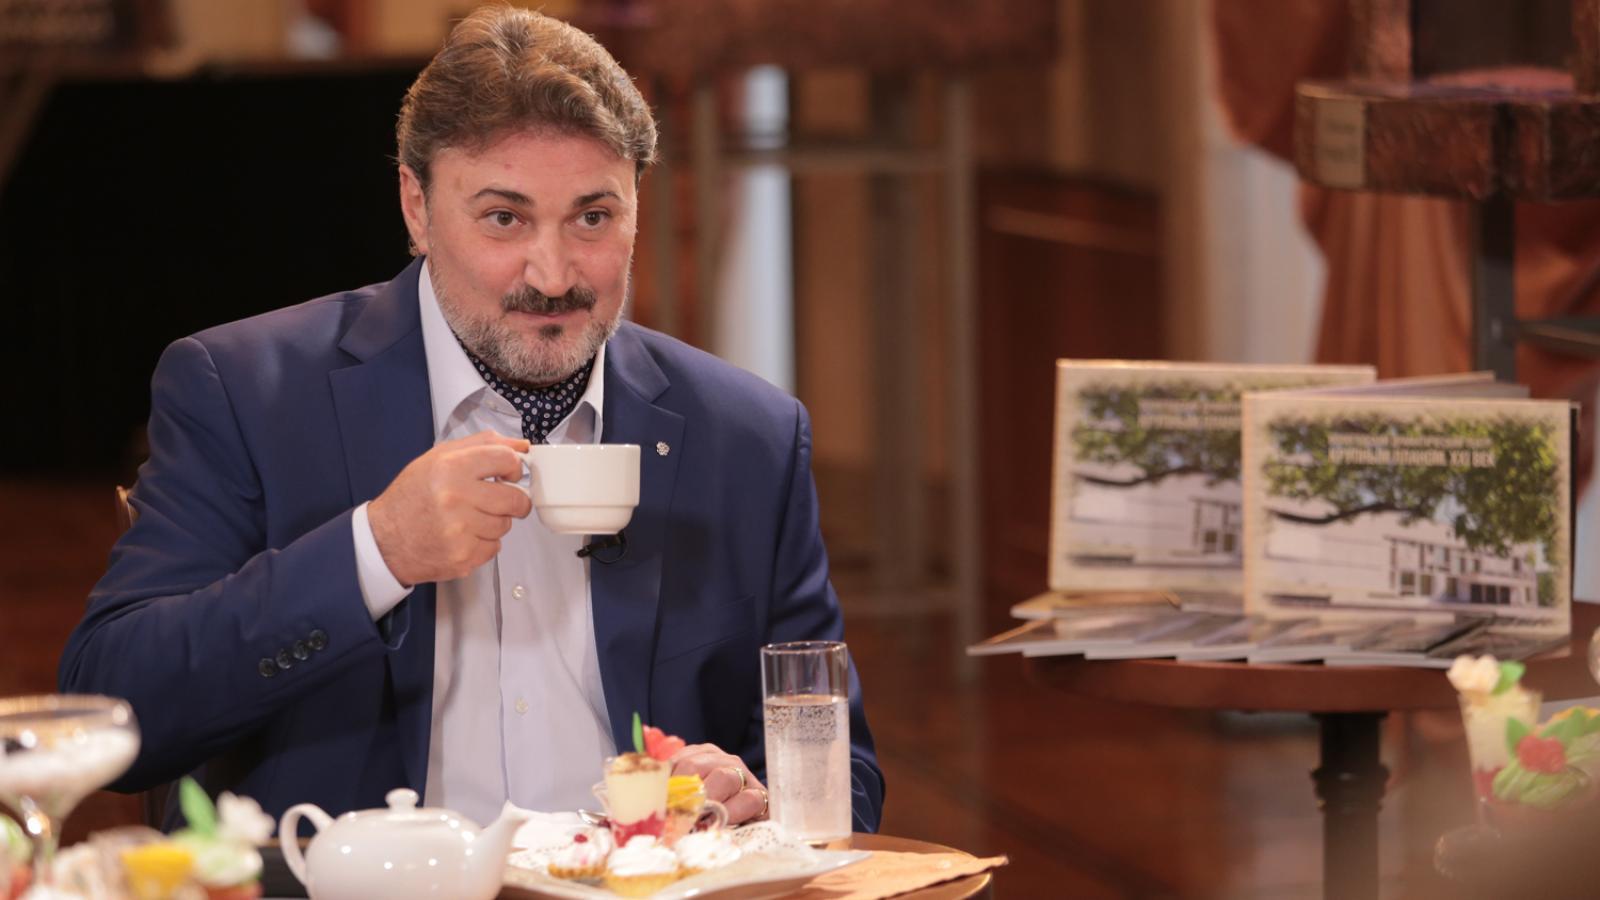 Труппа вологодского драмтеатра раскололась после секс-скандала, связанного с Зурабом Нанобашвили